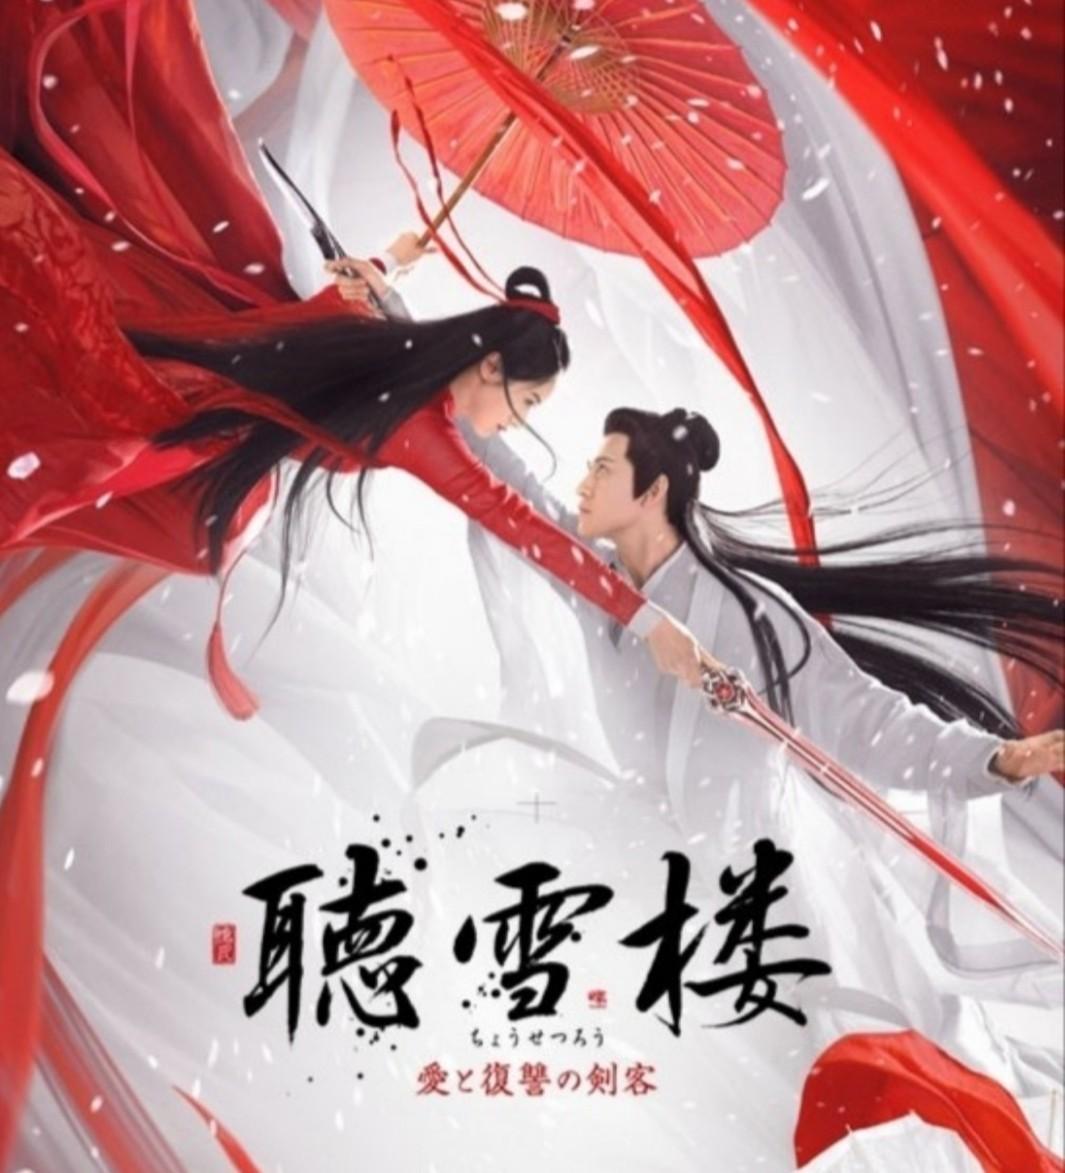 中国ドラマ 聴雪楼 愛と復讐の剣客 Blu-ray全話